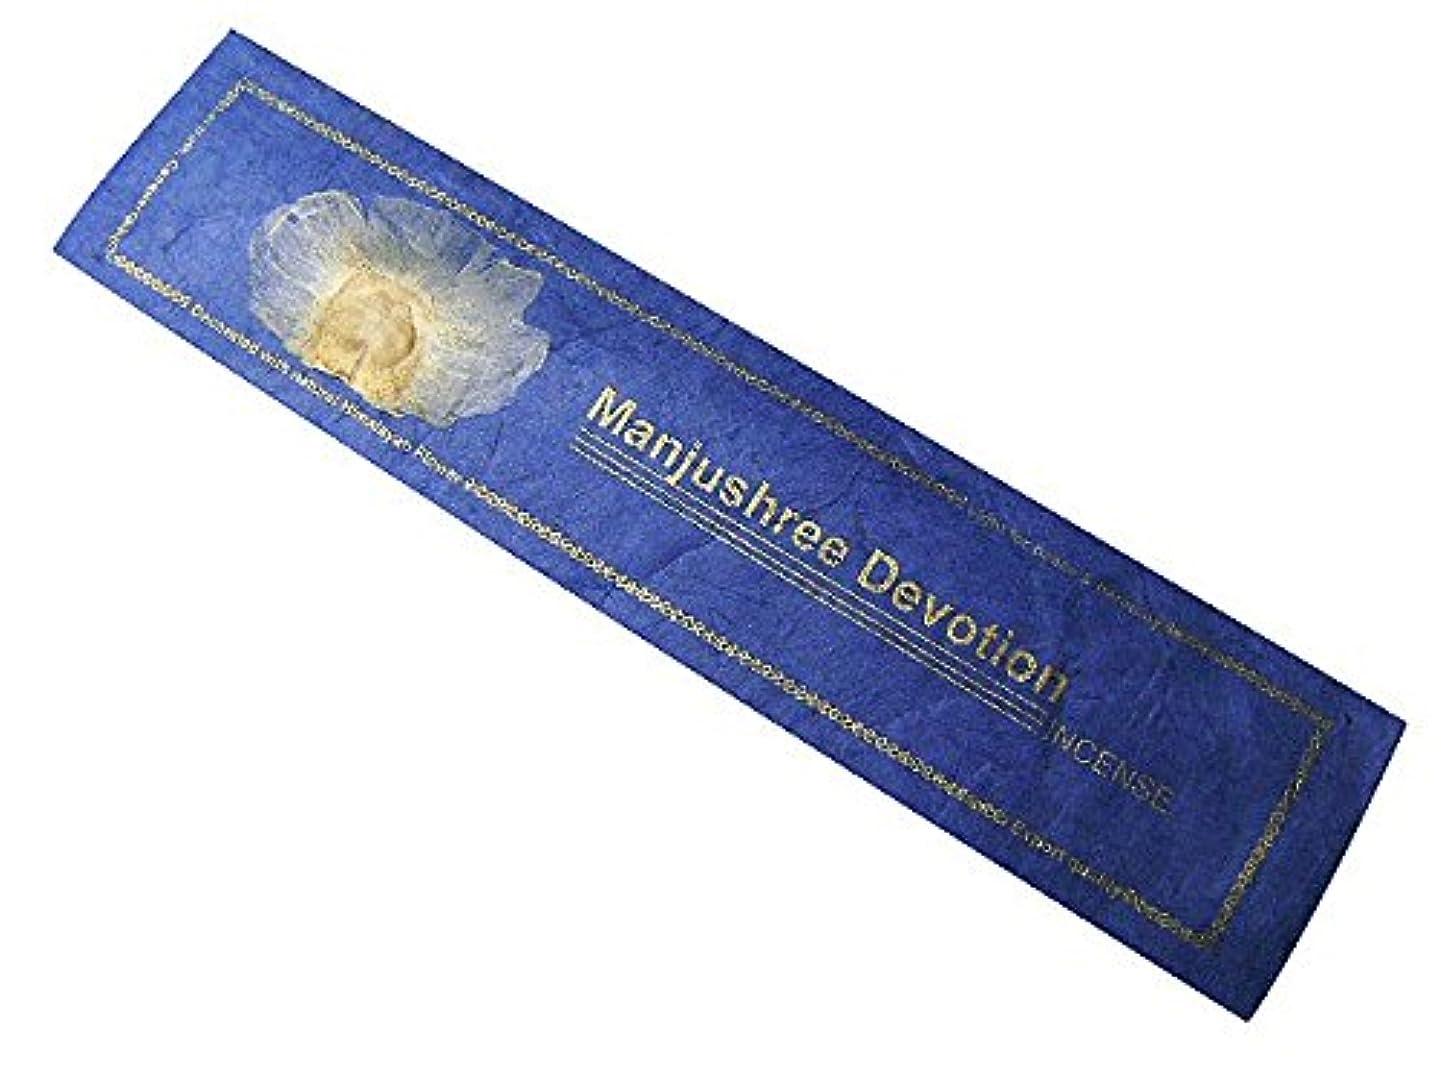 試みるおっと太陽NEPAL INCENSE ネパールのロクタ紙にヒマラヤの押し花のお香【ManjushreeDevotionマンジュシュリーデボーション】 スティック